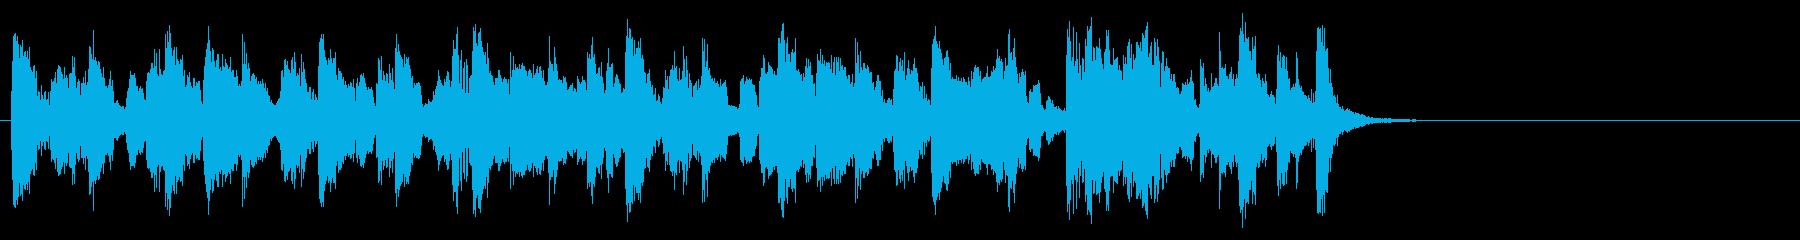 コミカルなほのぼのポップ(サビ)の再生済みの波形